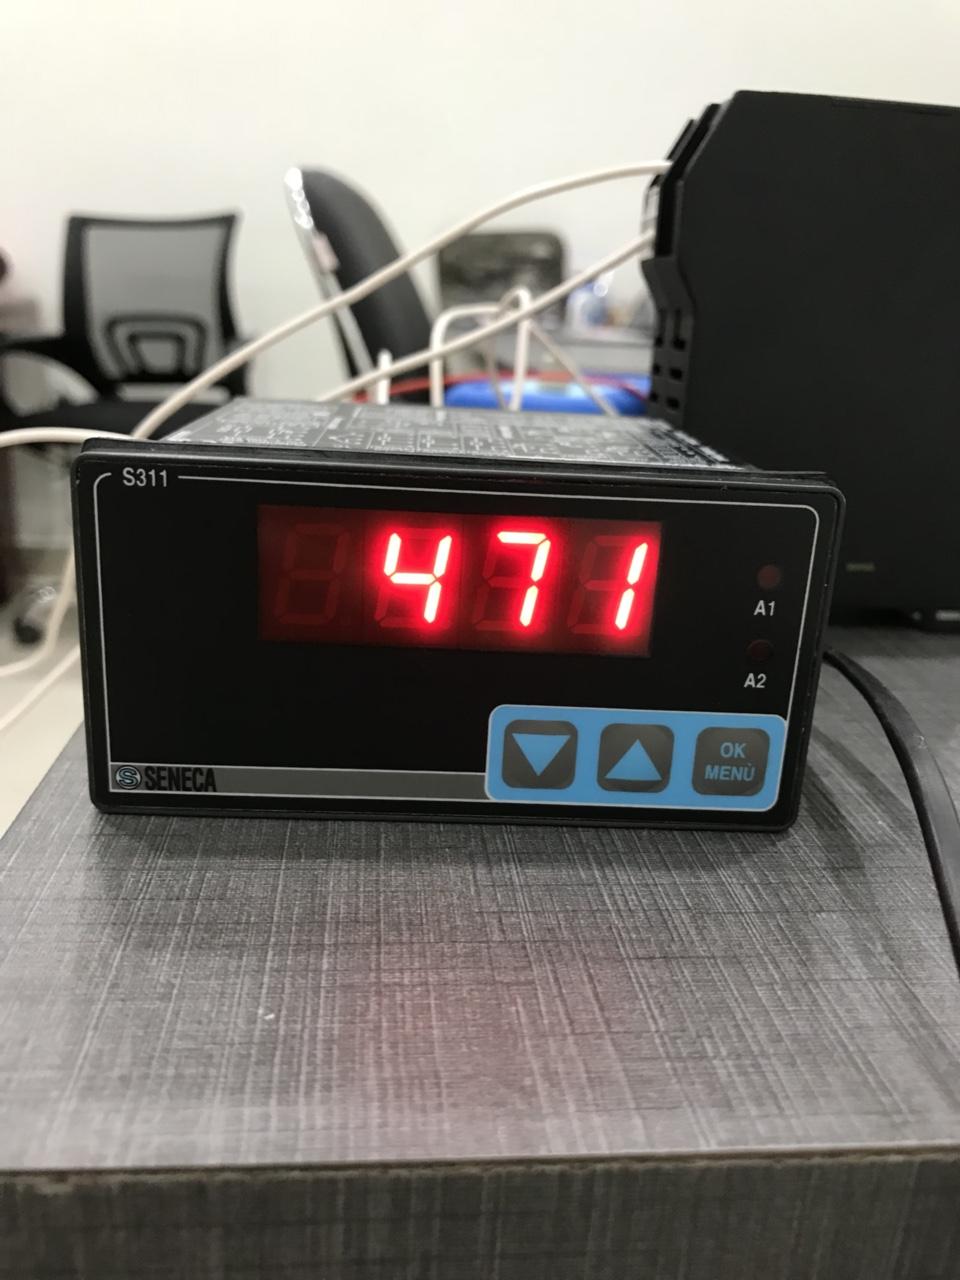 Bộ hiển thị nhiệt độ S311A Seneca